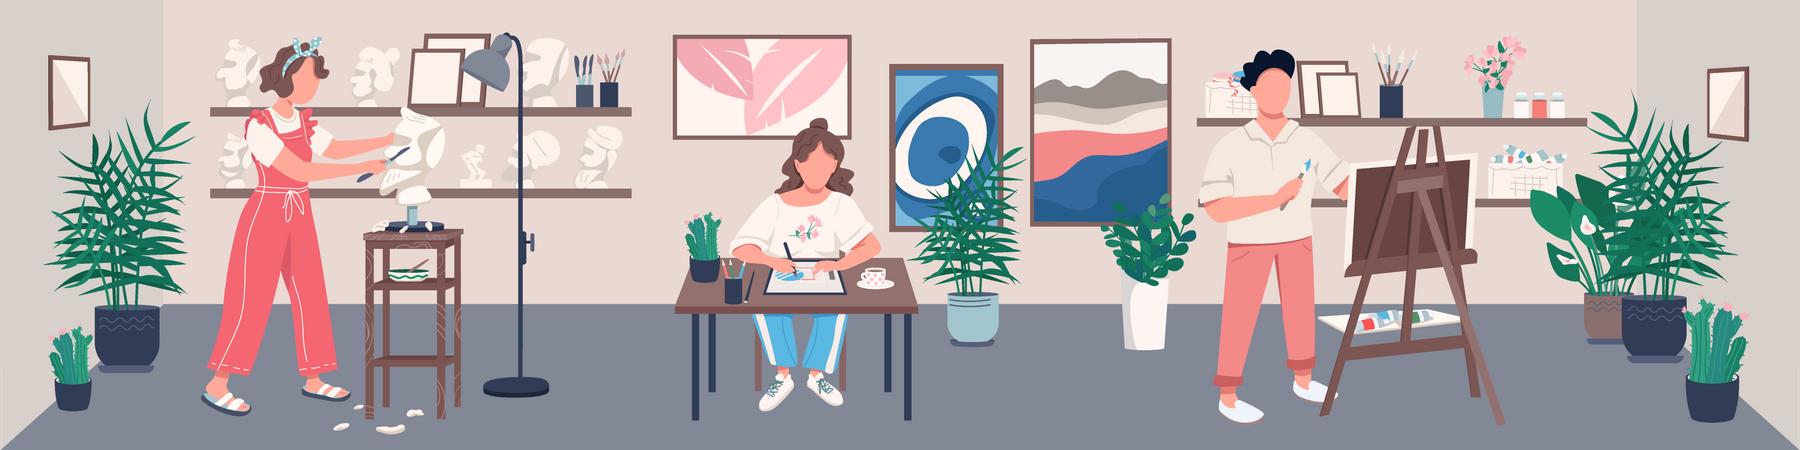 Art studio Illustration